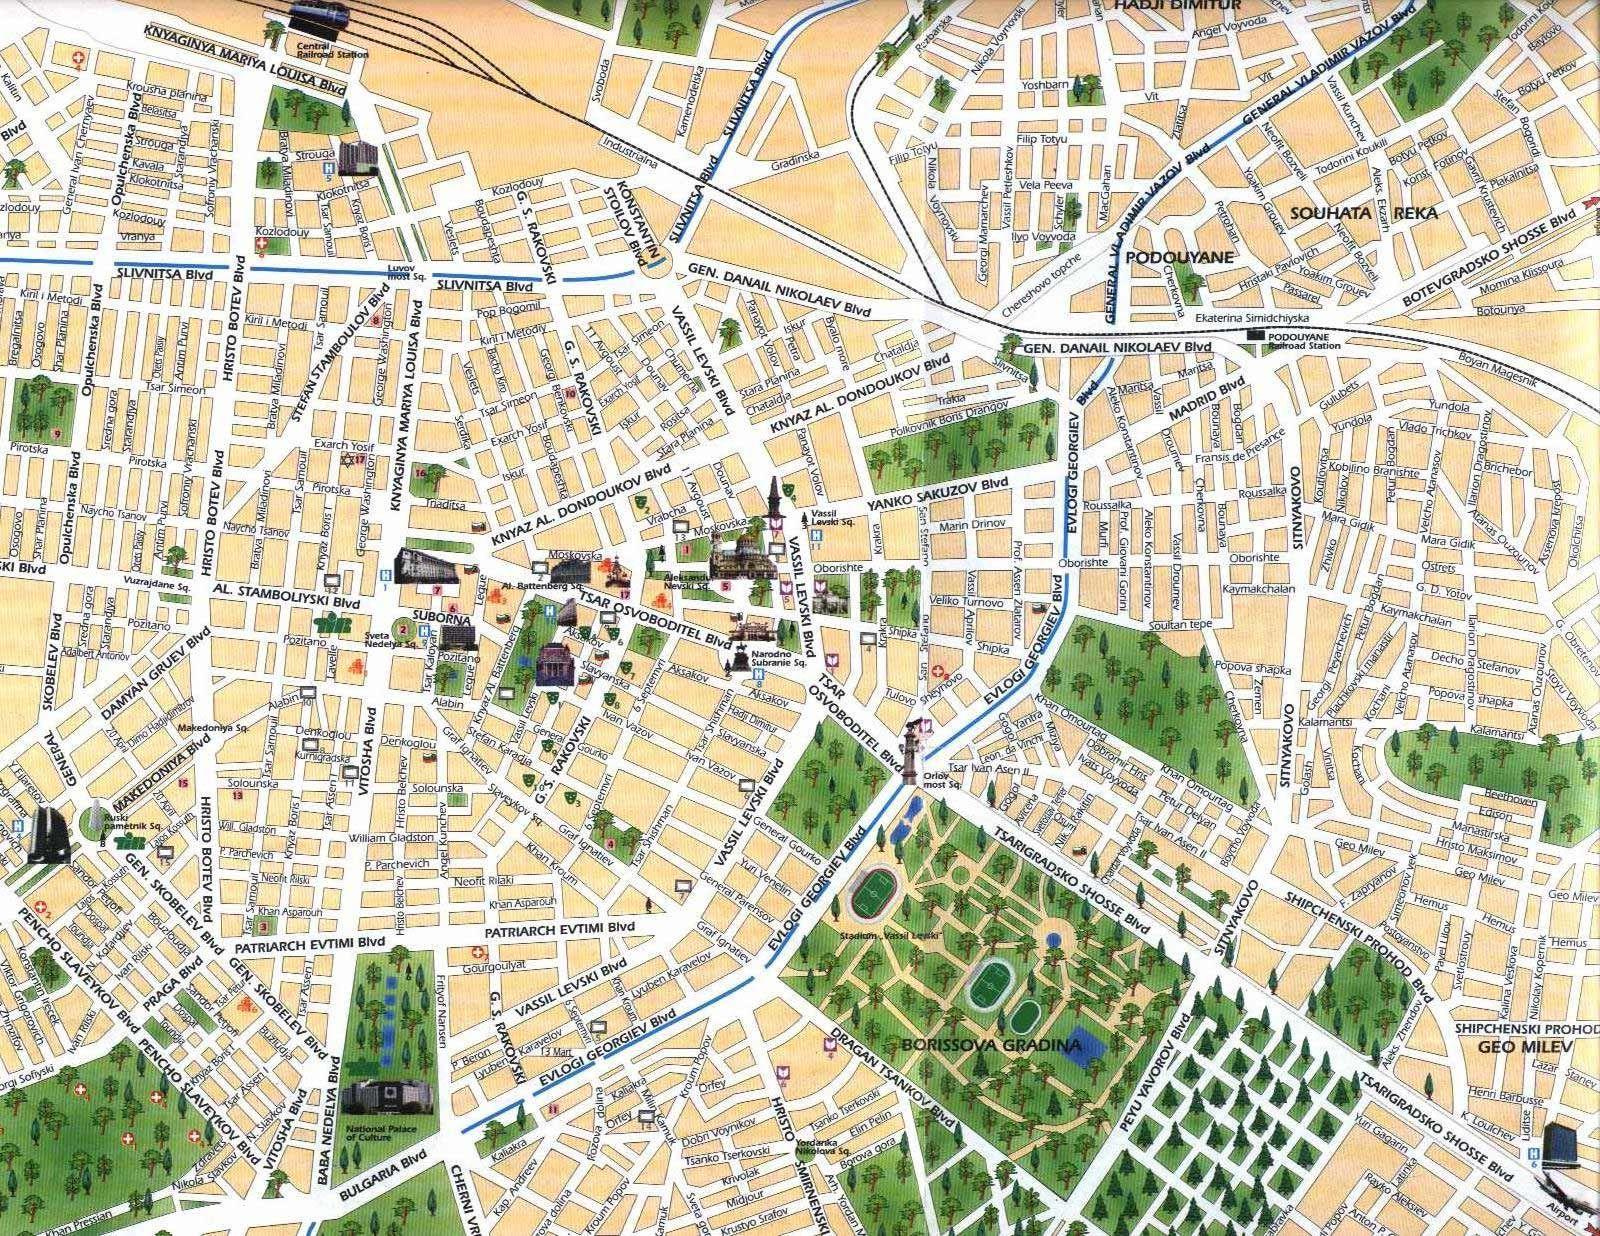 Sofia Center Map Sofia Bulgaria Mappery Sofia Sofia Bulgaria Holiday City